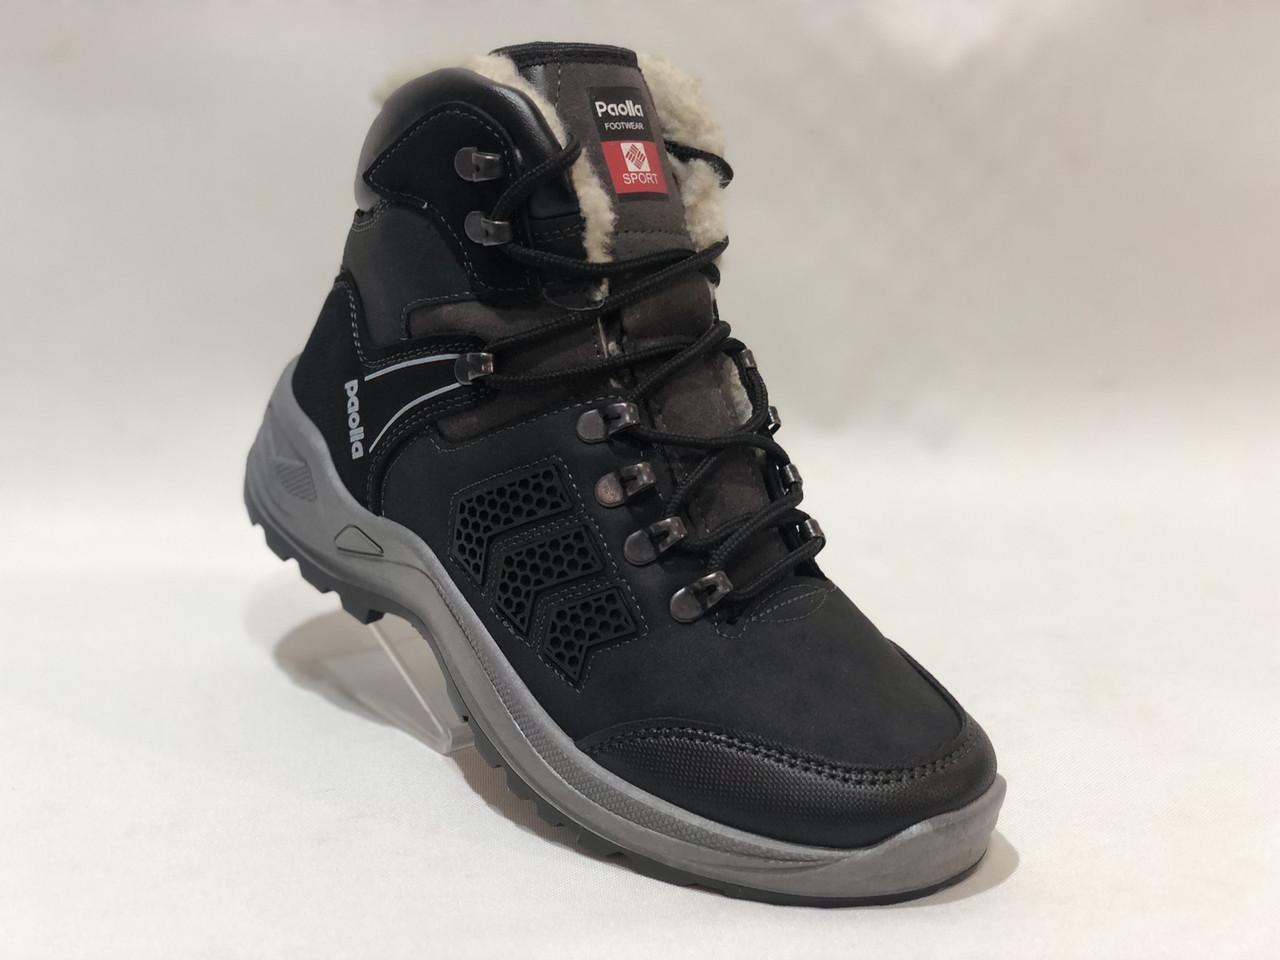 Мужские зимние ботинки Paolla на меху. Спортивные ботинки, кроссовки из искусственной кожи Черные